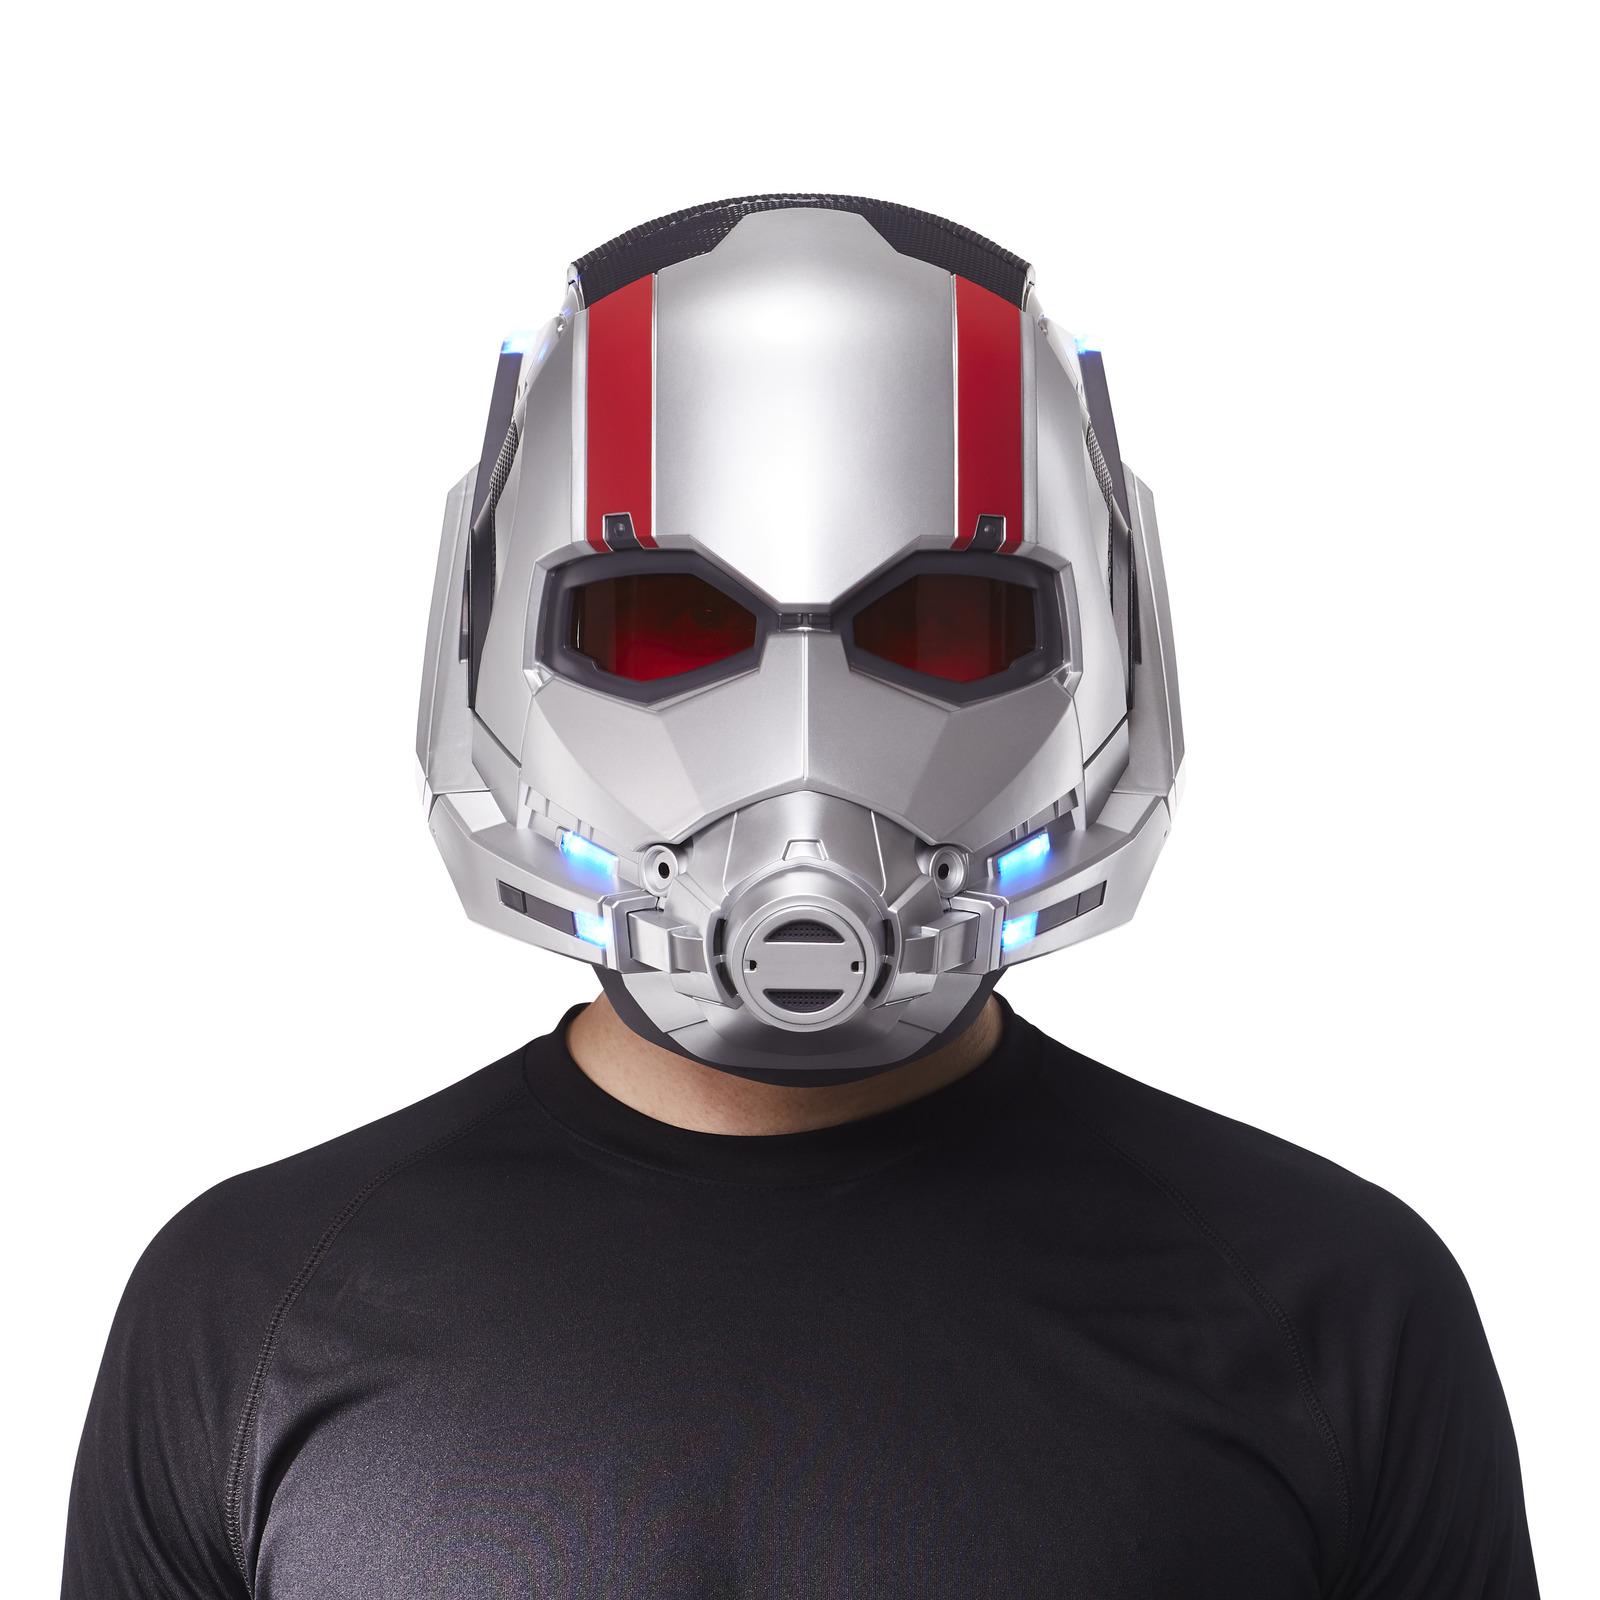 Marvel Legends: Ant-Man - Electronic Helmet image